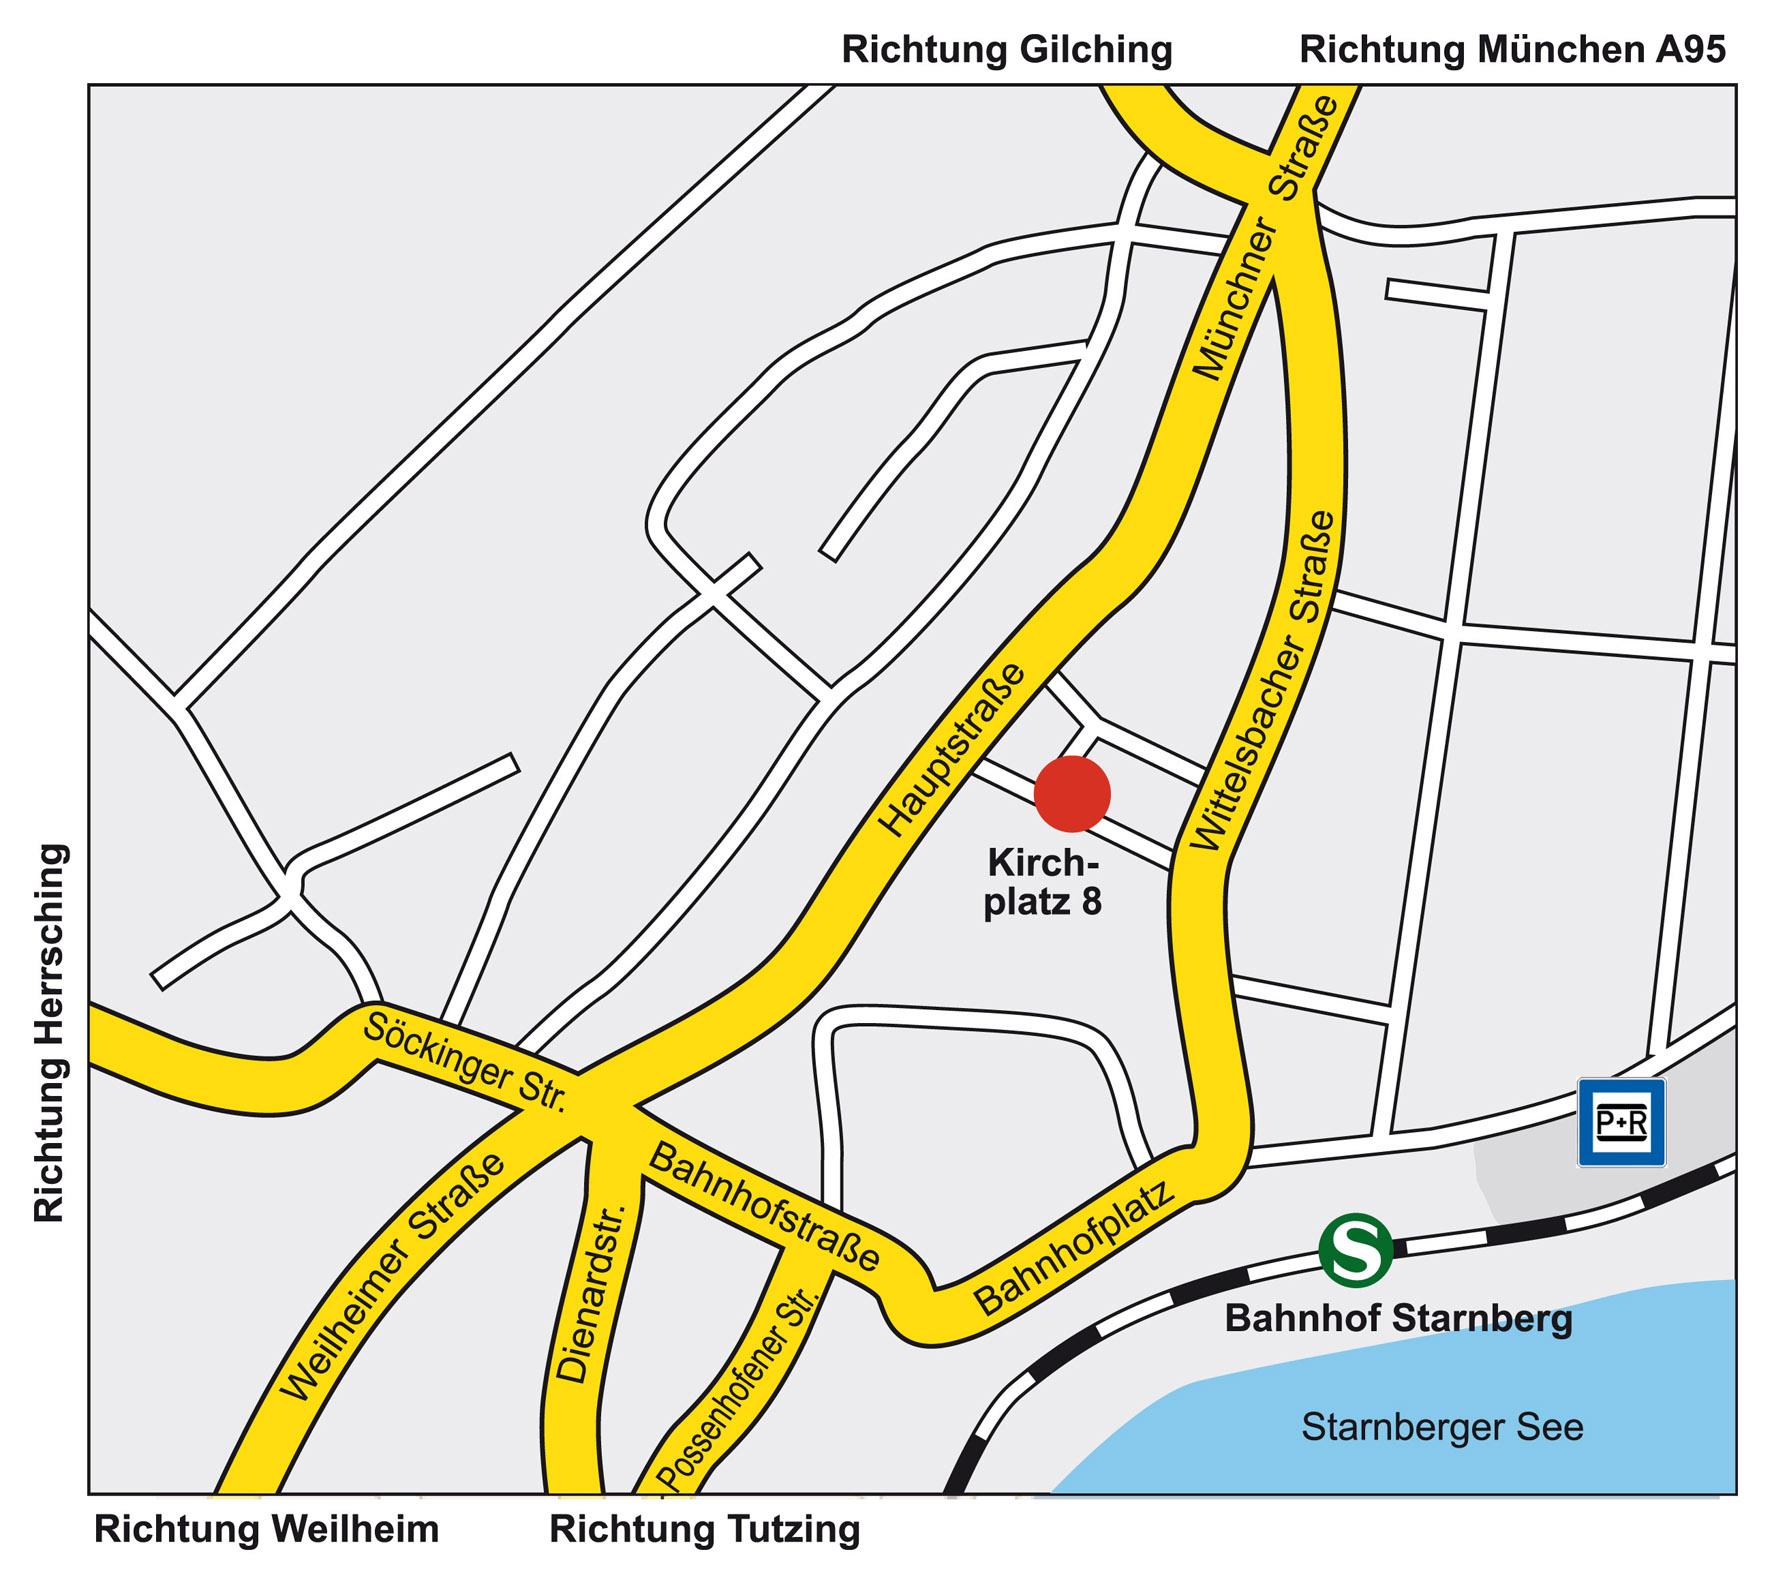 Sehakademie Starnberg, Kirchplatz 1, 82319 Starnberg